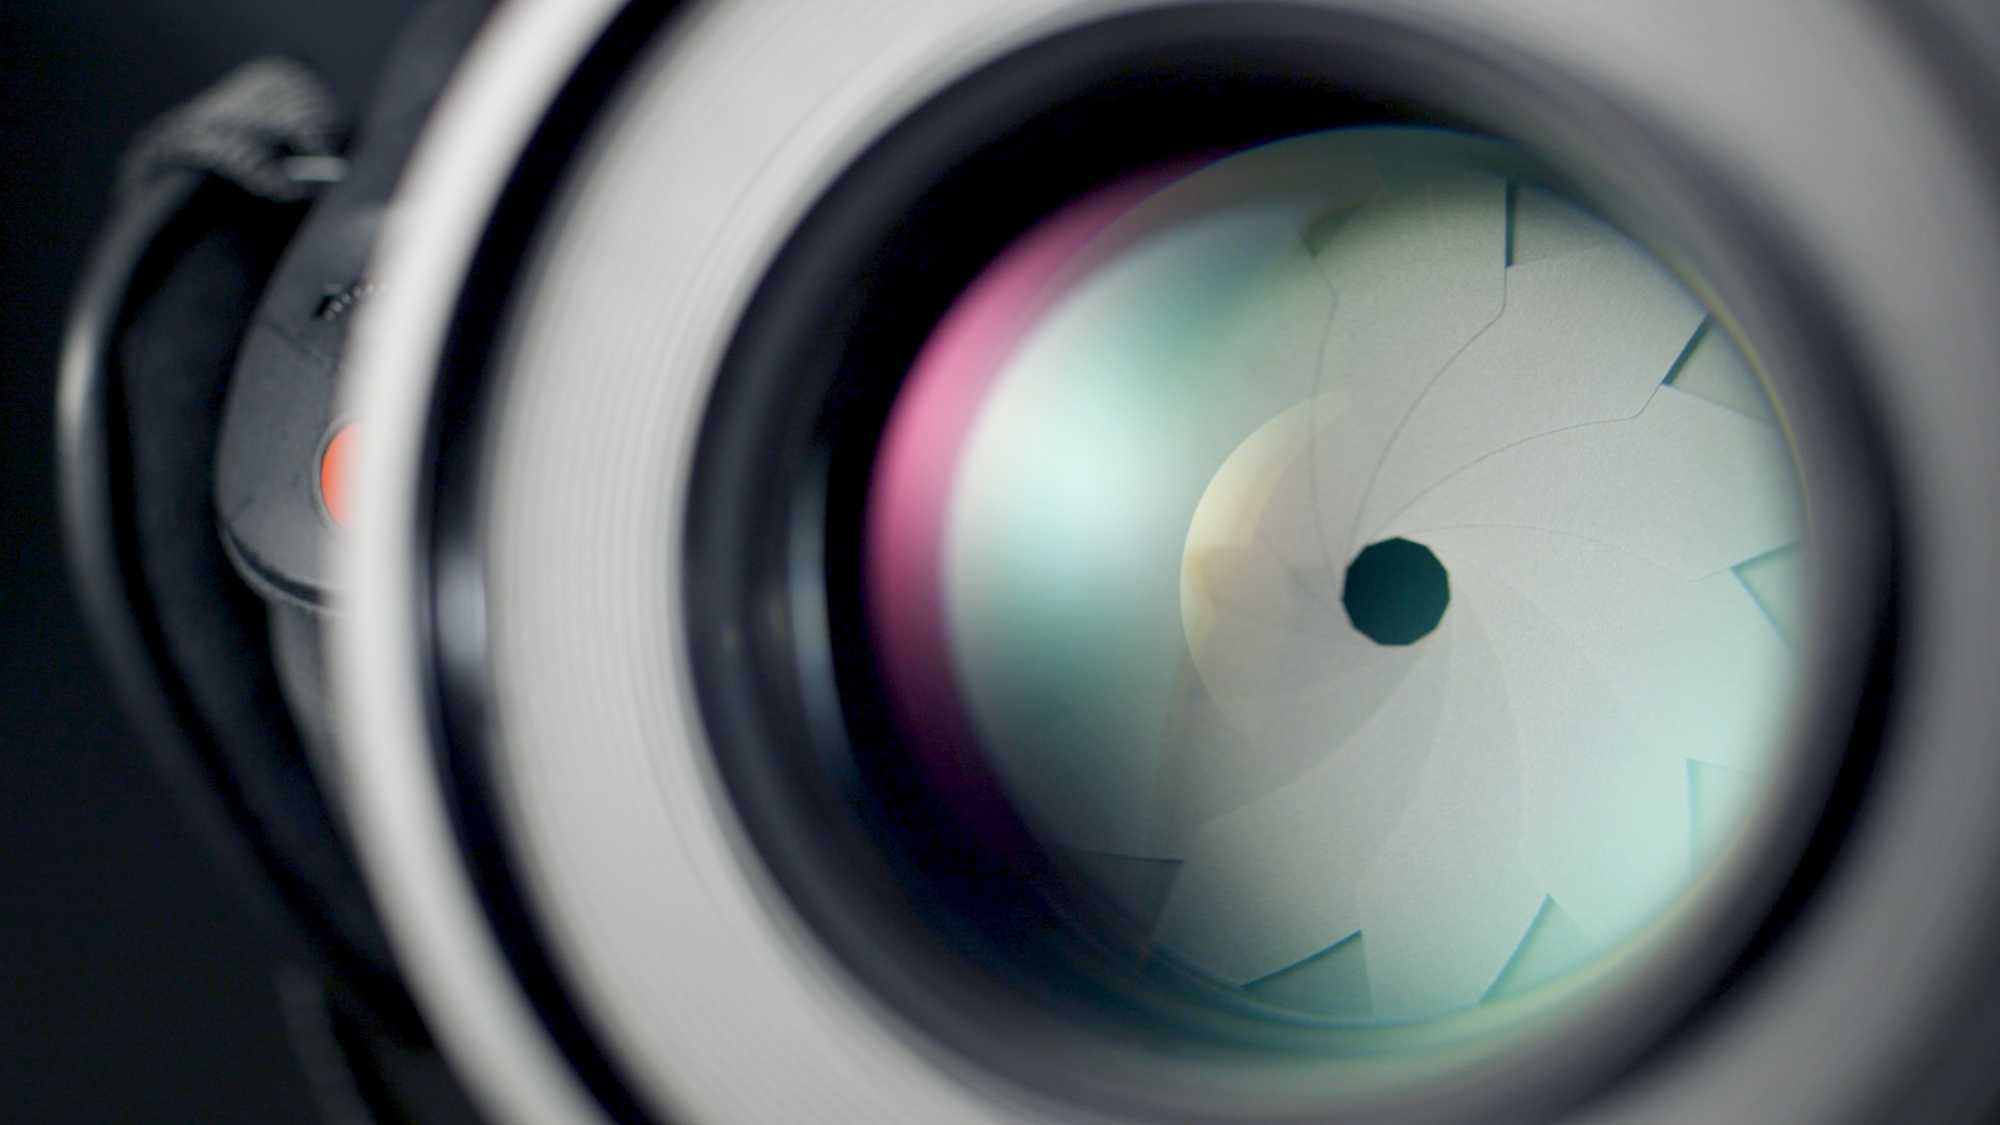 nikon z7 f0.65 lens image